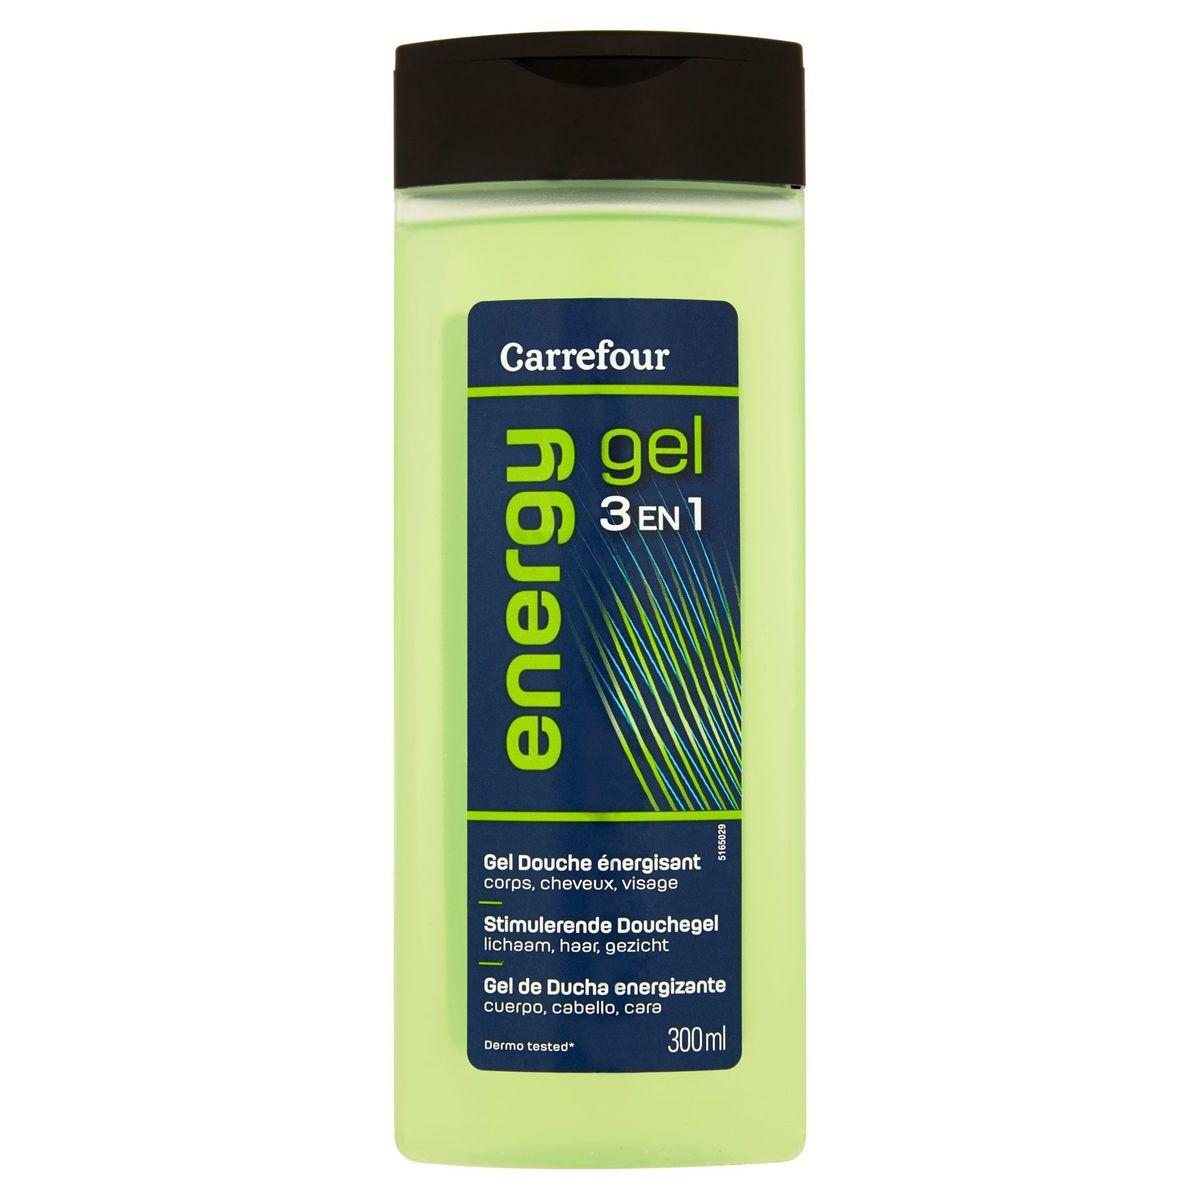 Carrefour Gel 3 en 1 Energy 300 ml